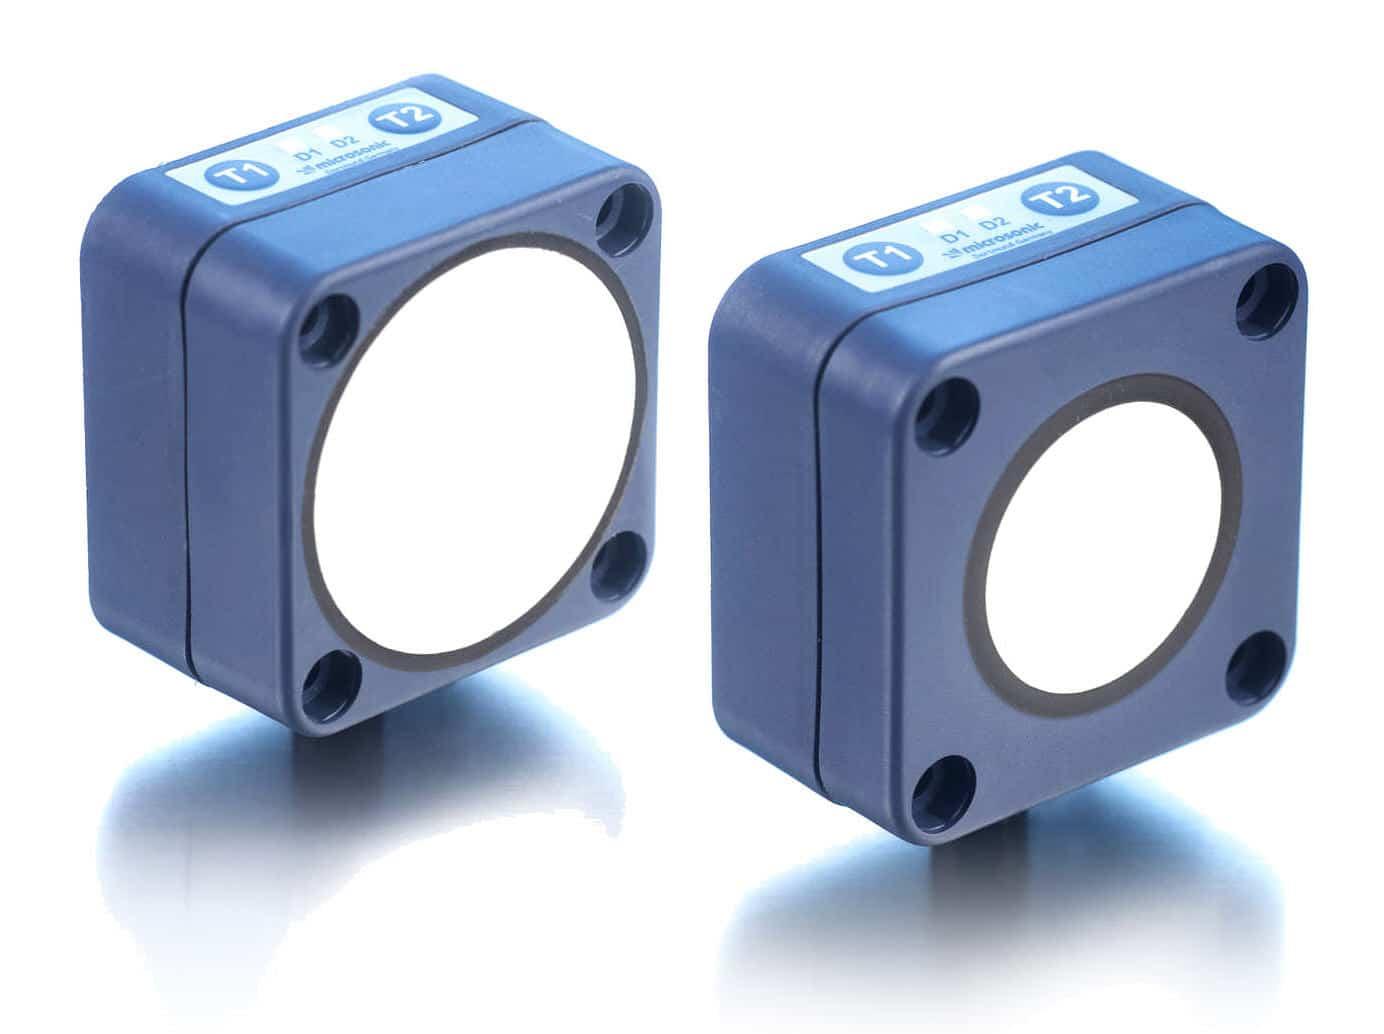 Capteurs de proximité à ultrasons de la marque microsonic